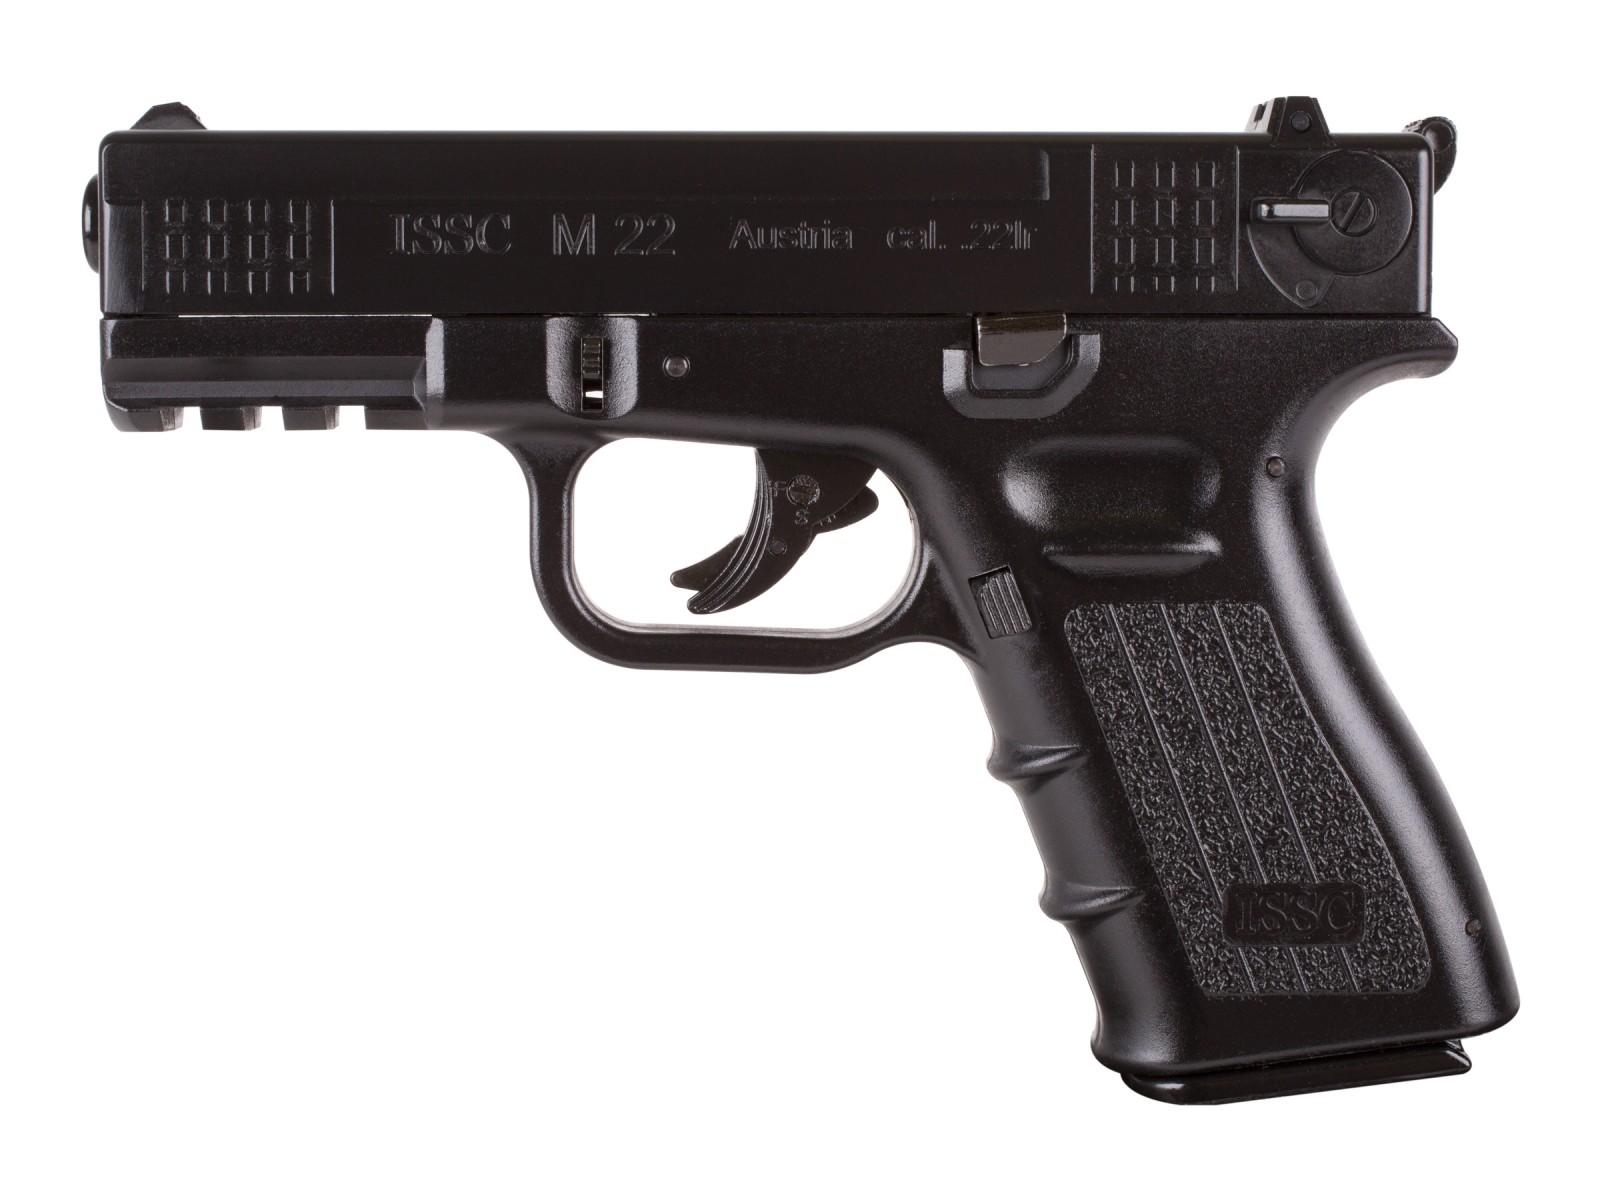 ISSC M-22 CO2.